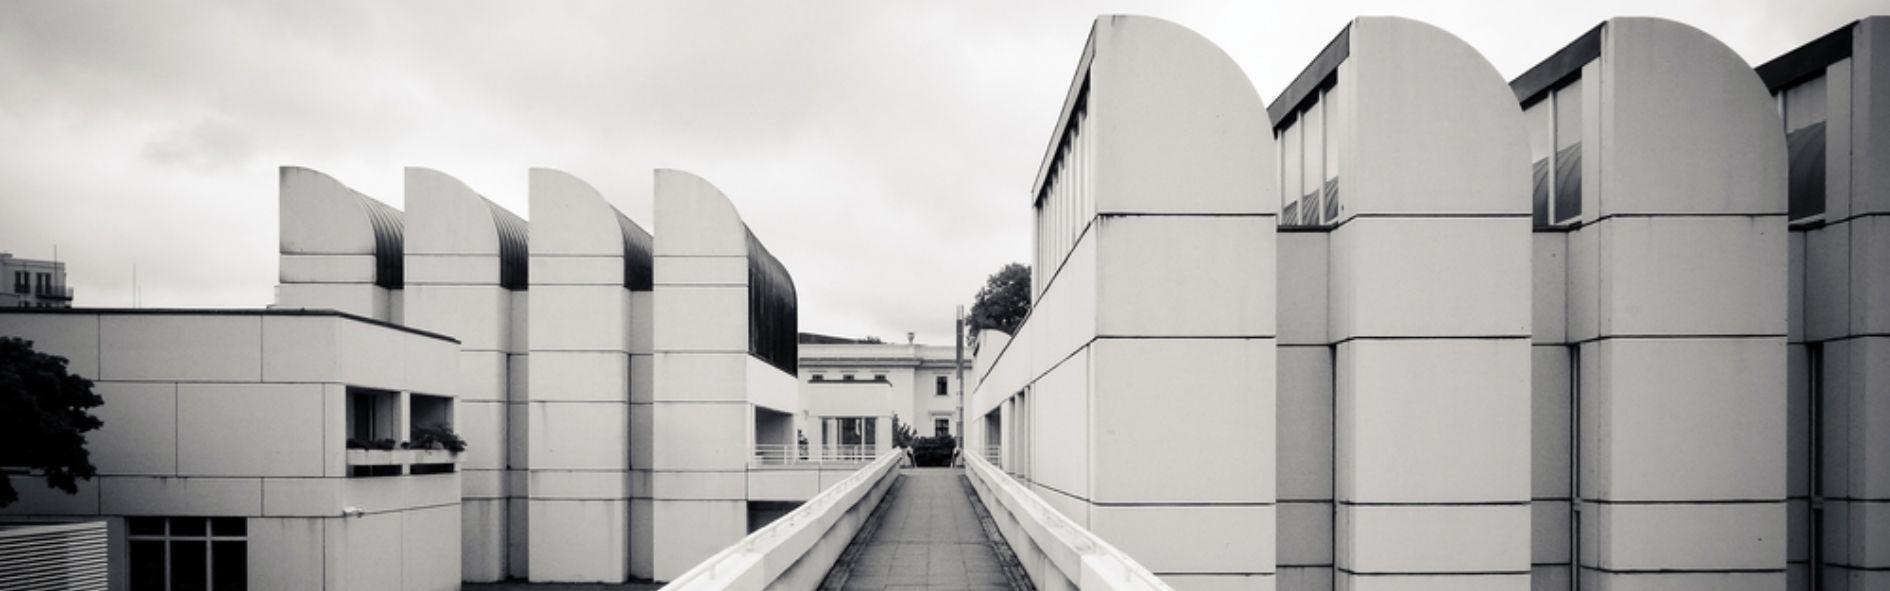 Descubre la arquitectura Bauhaus y sus edificios más icónicos